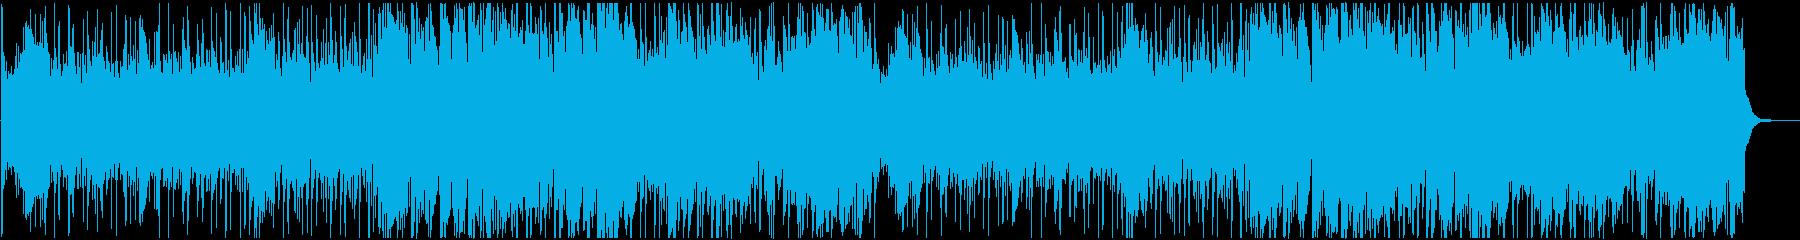 ロマの切ないワルツの再生済みの波形